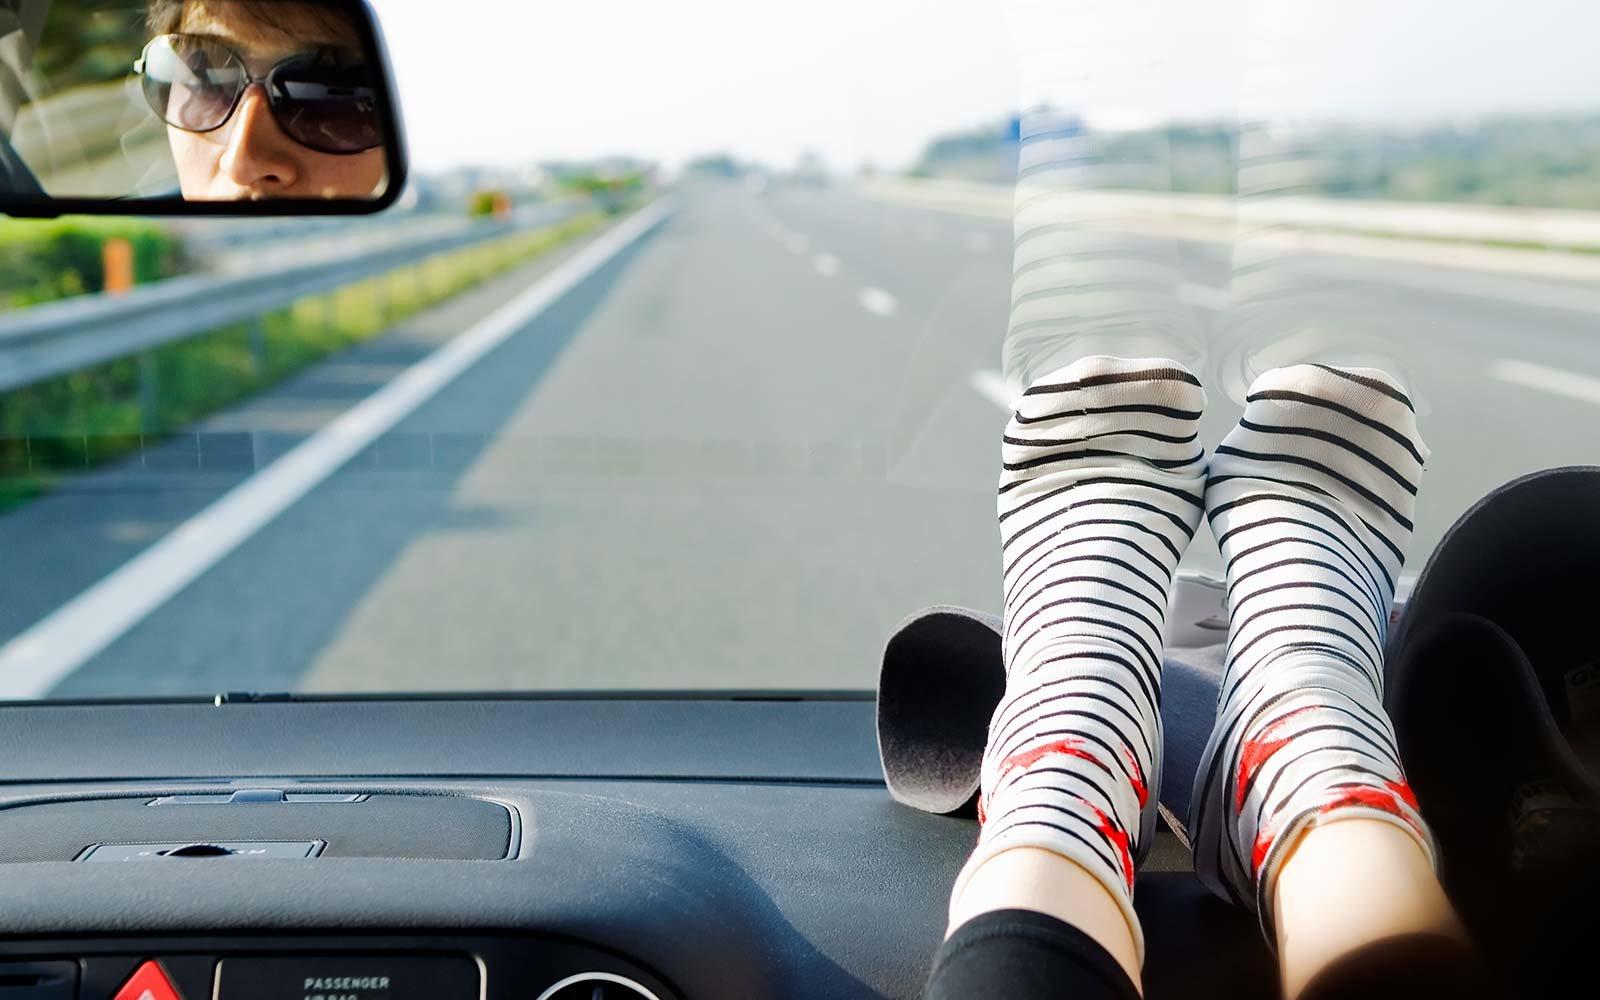 چرا نباید پاهای خود را روی داشبورد ماشین بگذاریم؟ 1